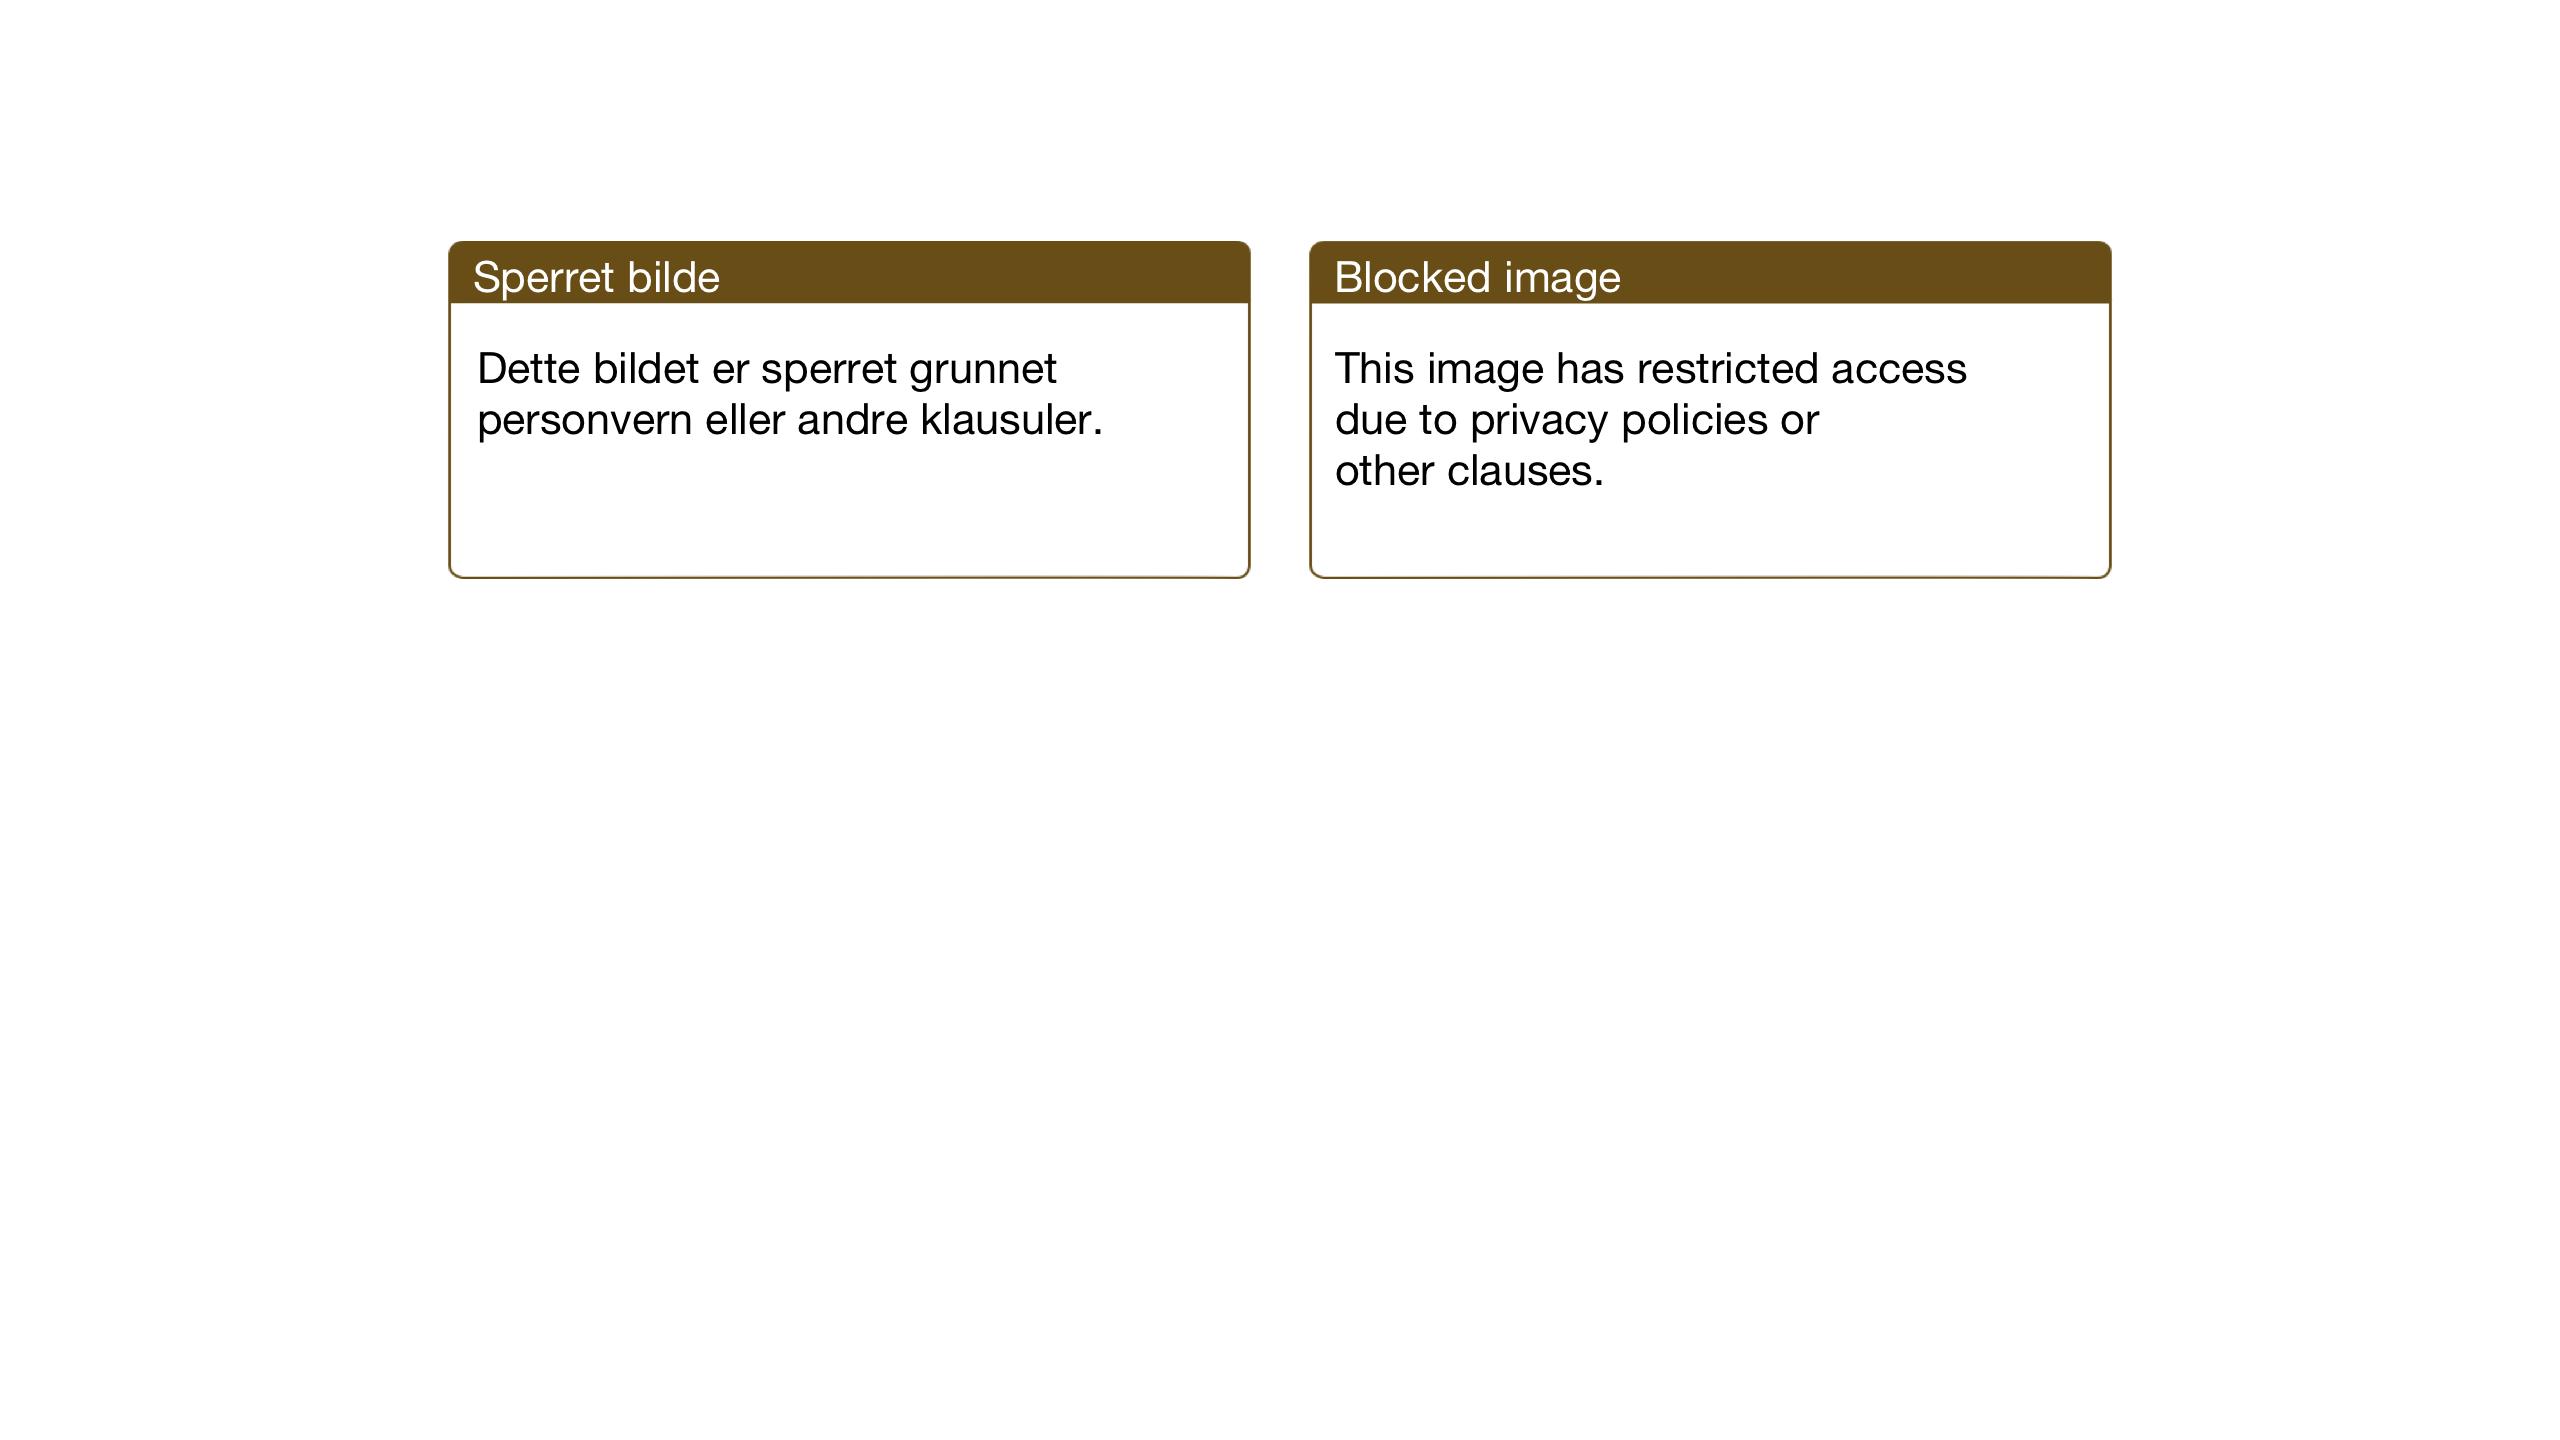 SAT, Ministerialprotokoller, klokkerbøker og fødselsregistre - Sør-Trøndelag, 633/L0521: Klokkerbok nr. 633C03, 1921-1941, s. 109